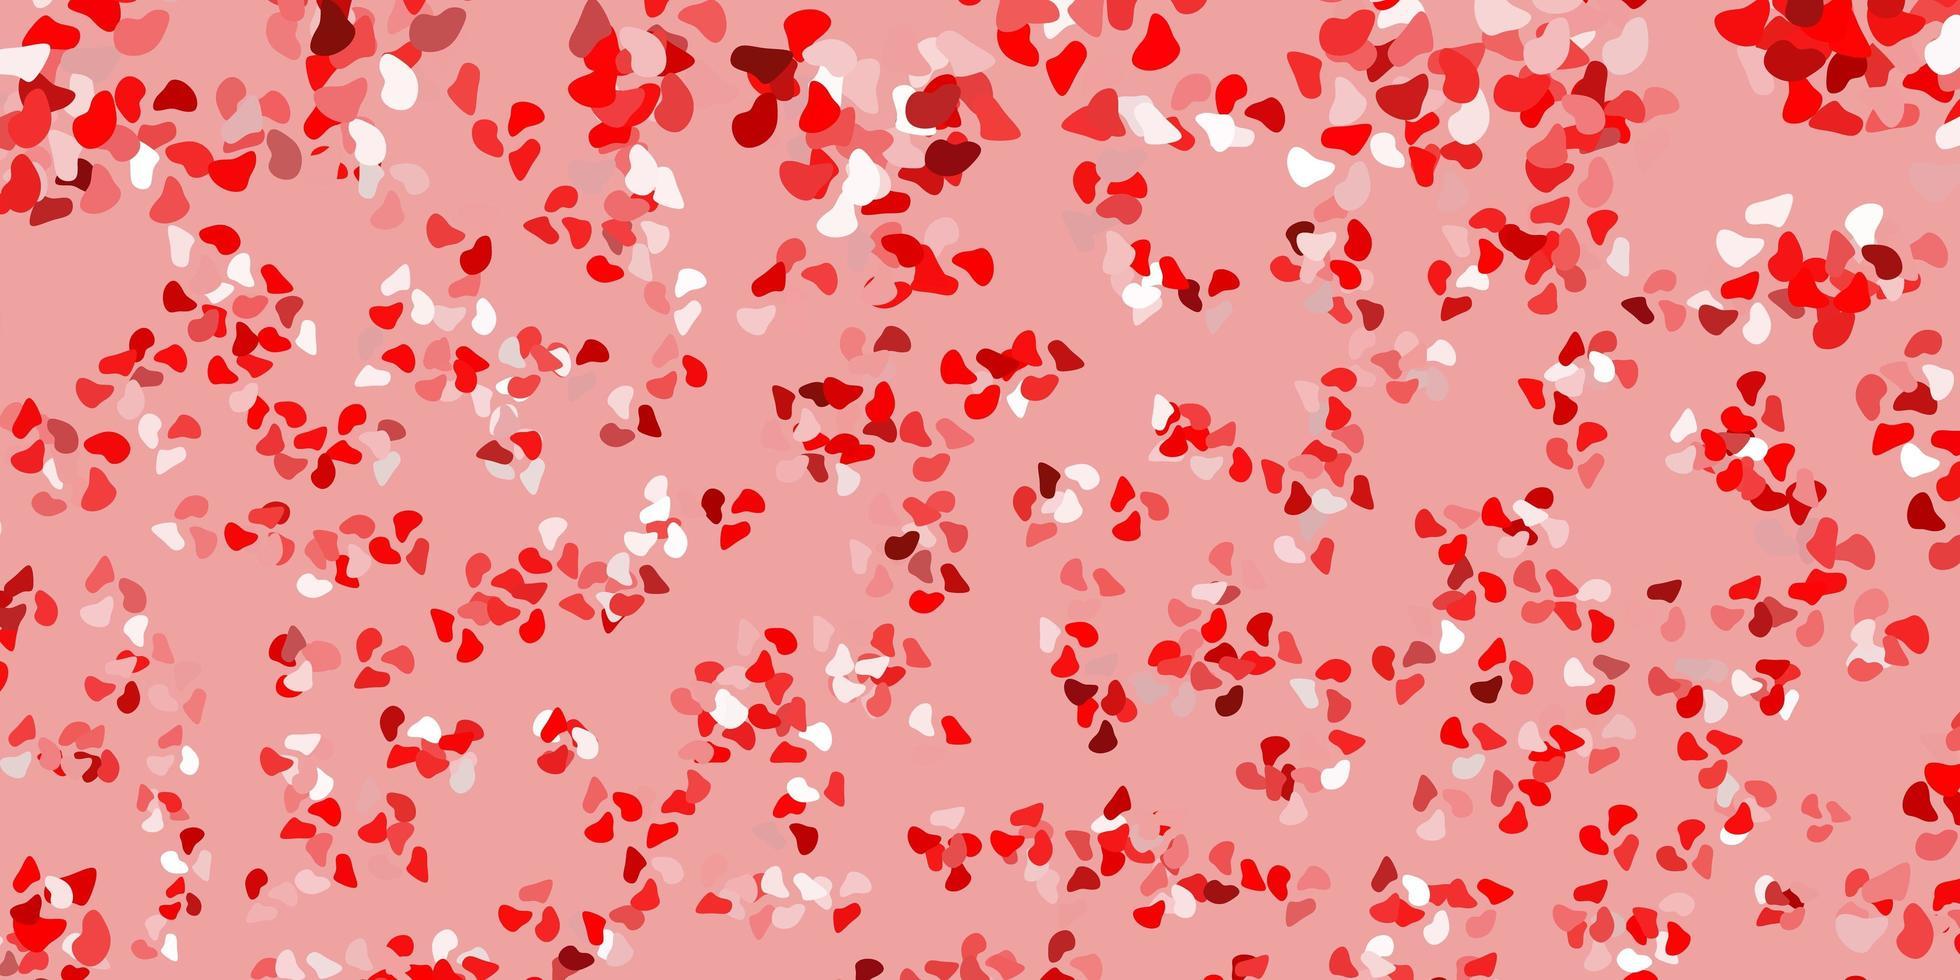 telón de fondo rojo con formas caóticas. vector